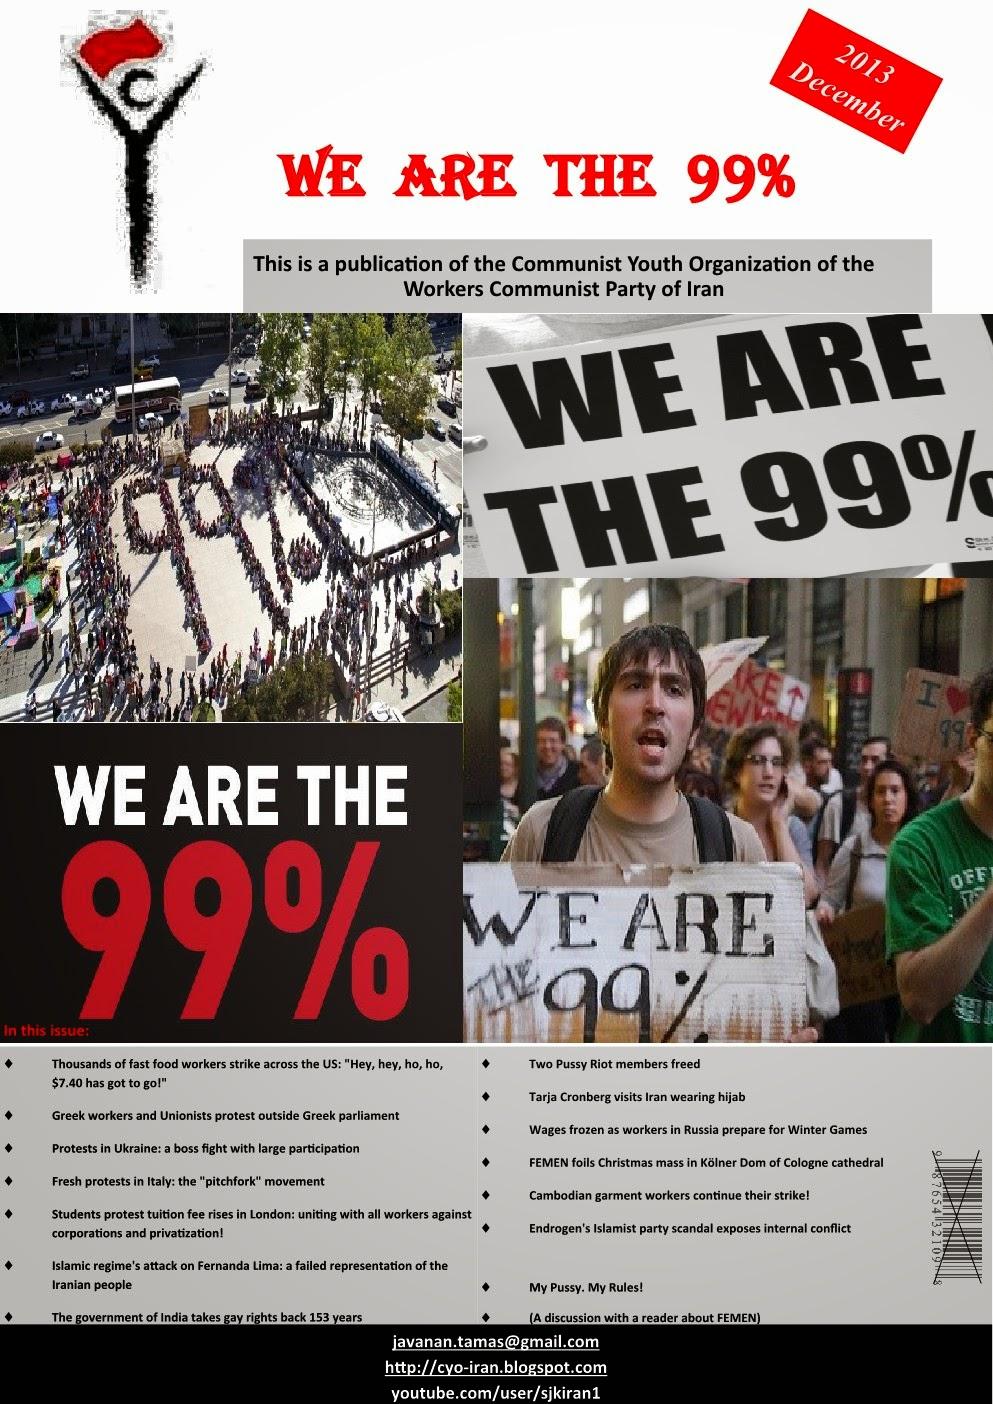 ماهنامه we are 99% شماره 12، دسامبر 2013